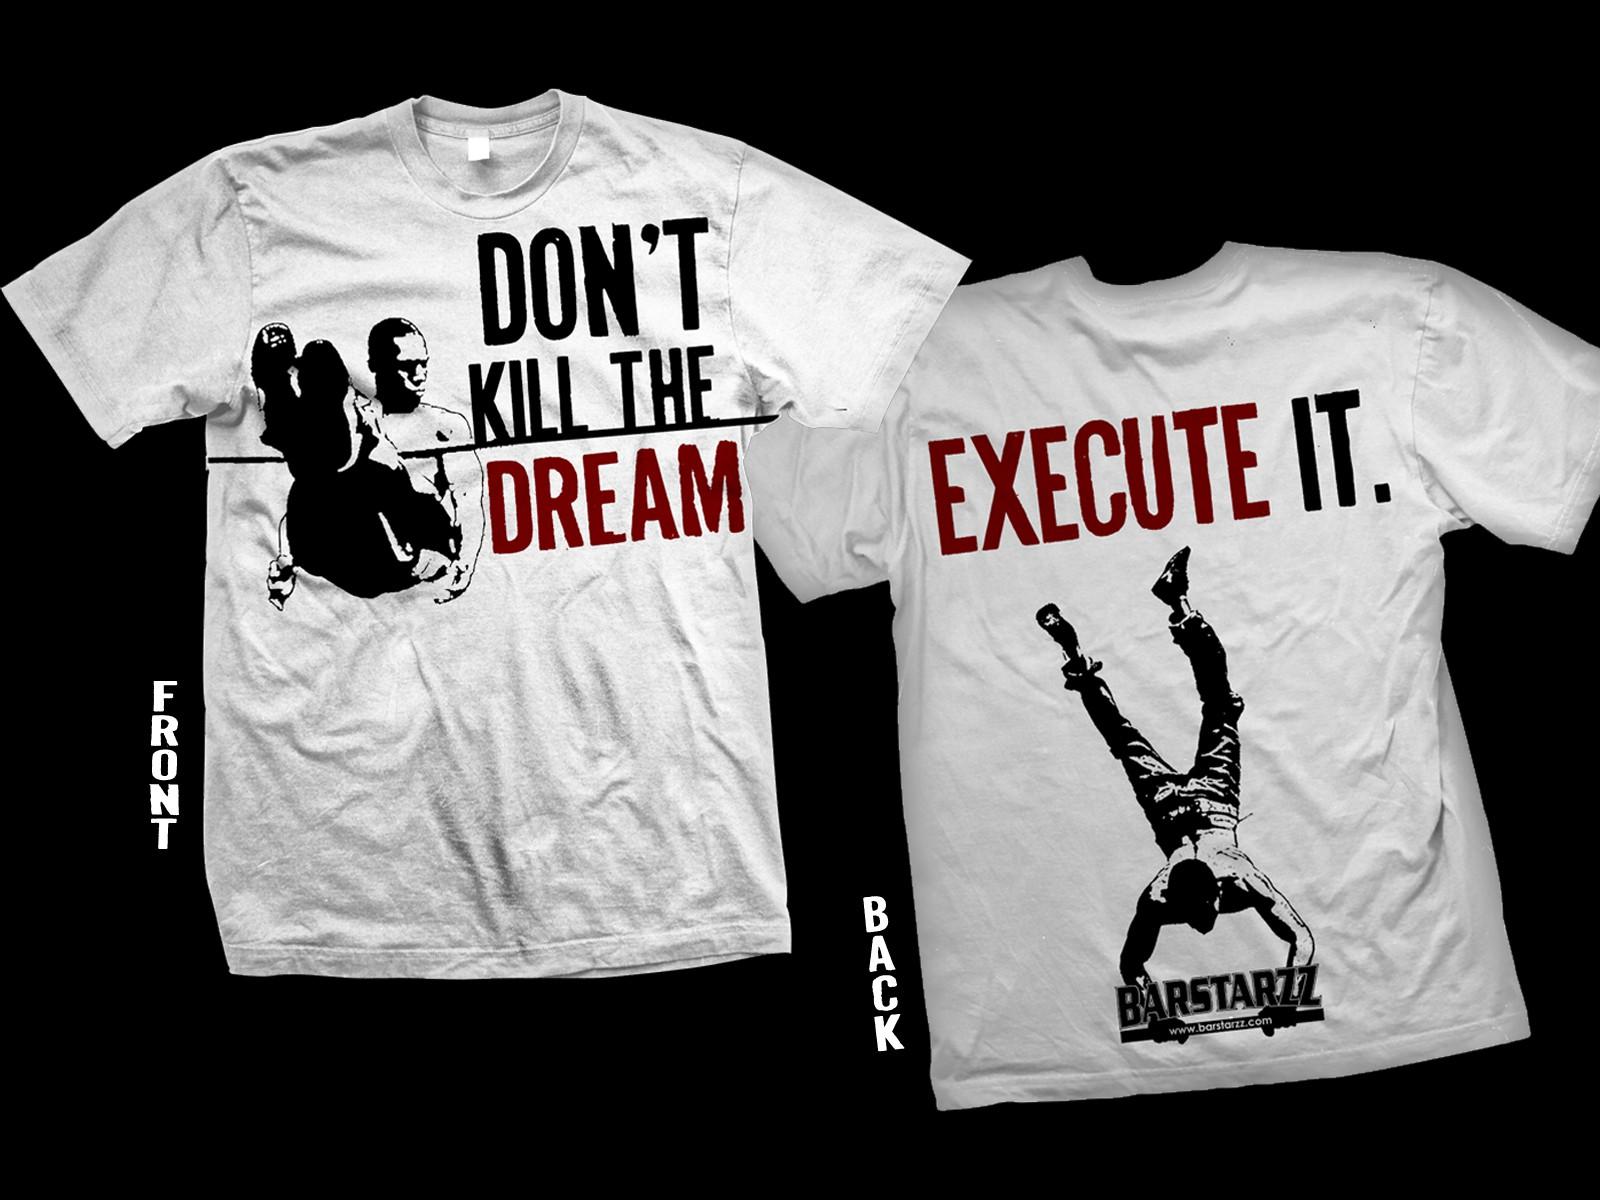 t-shirt design for Barstarzz